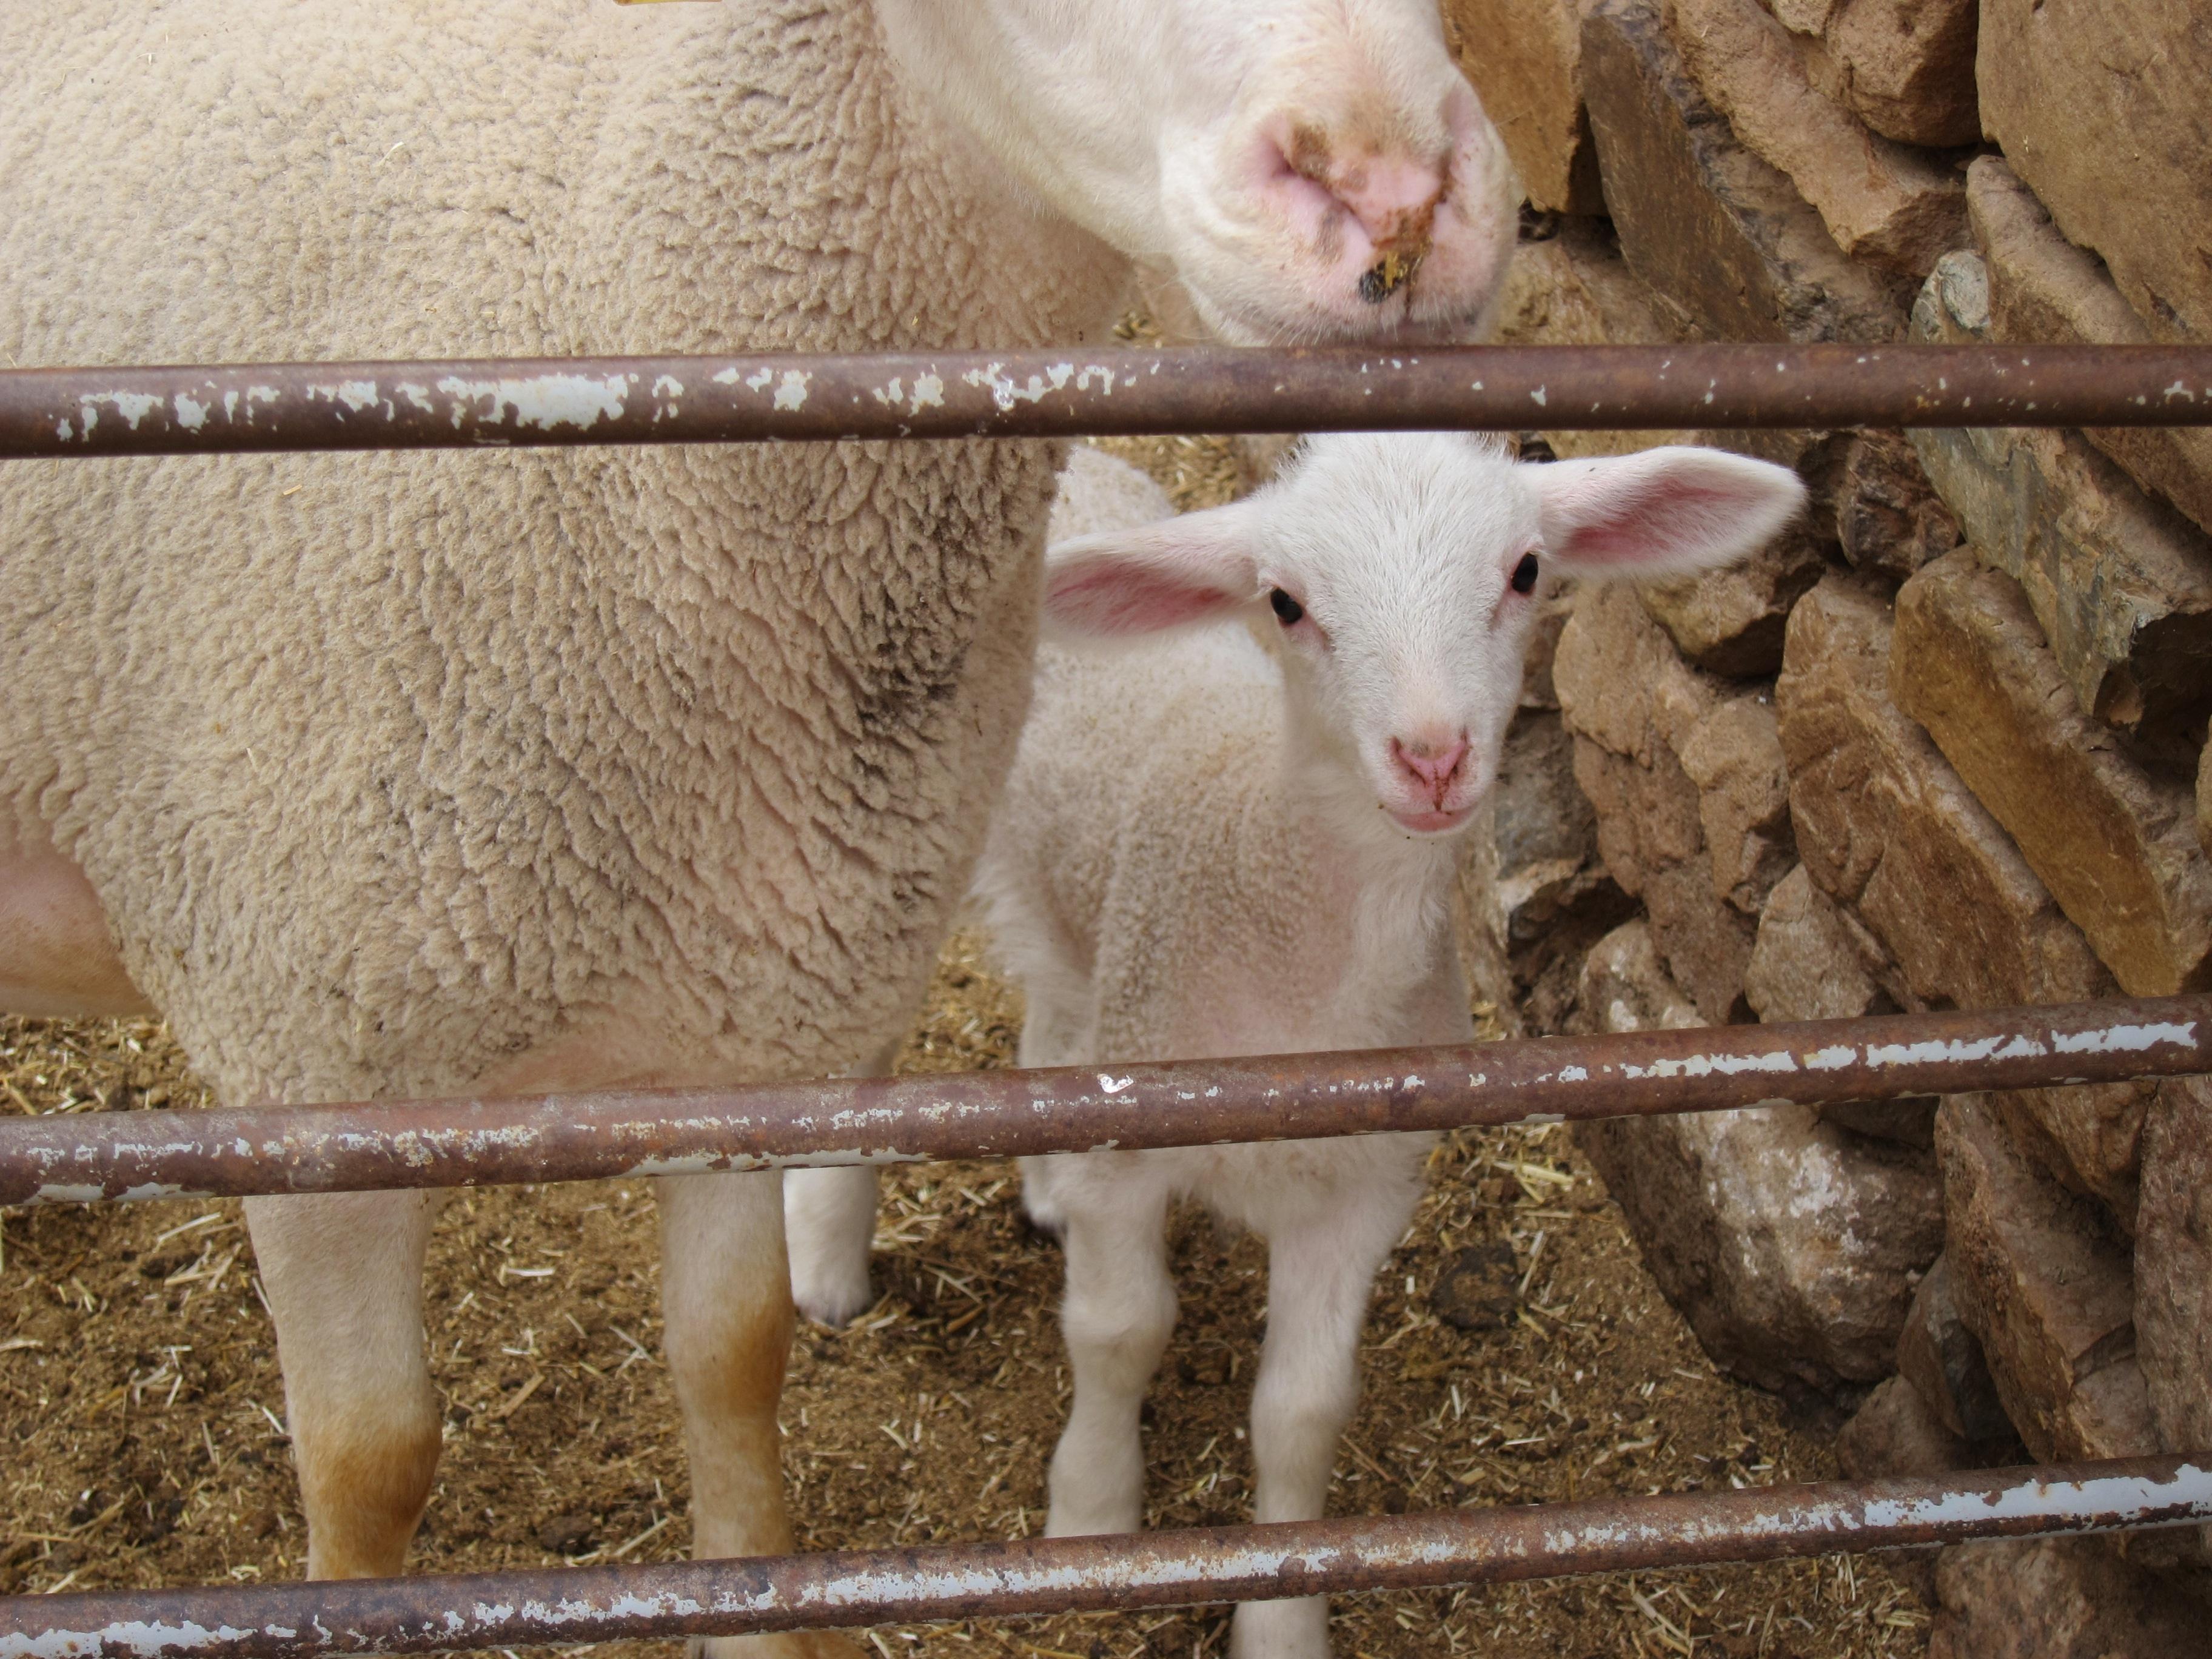 Soriano anuncia el pago de 3,7 millones en ayudas para el sector del ovino-caprino